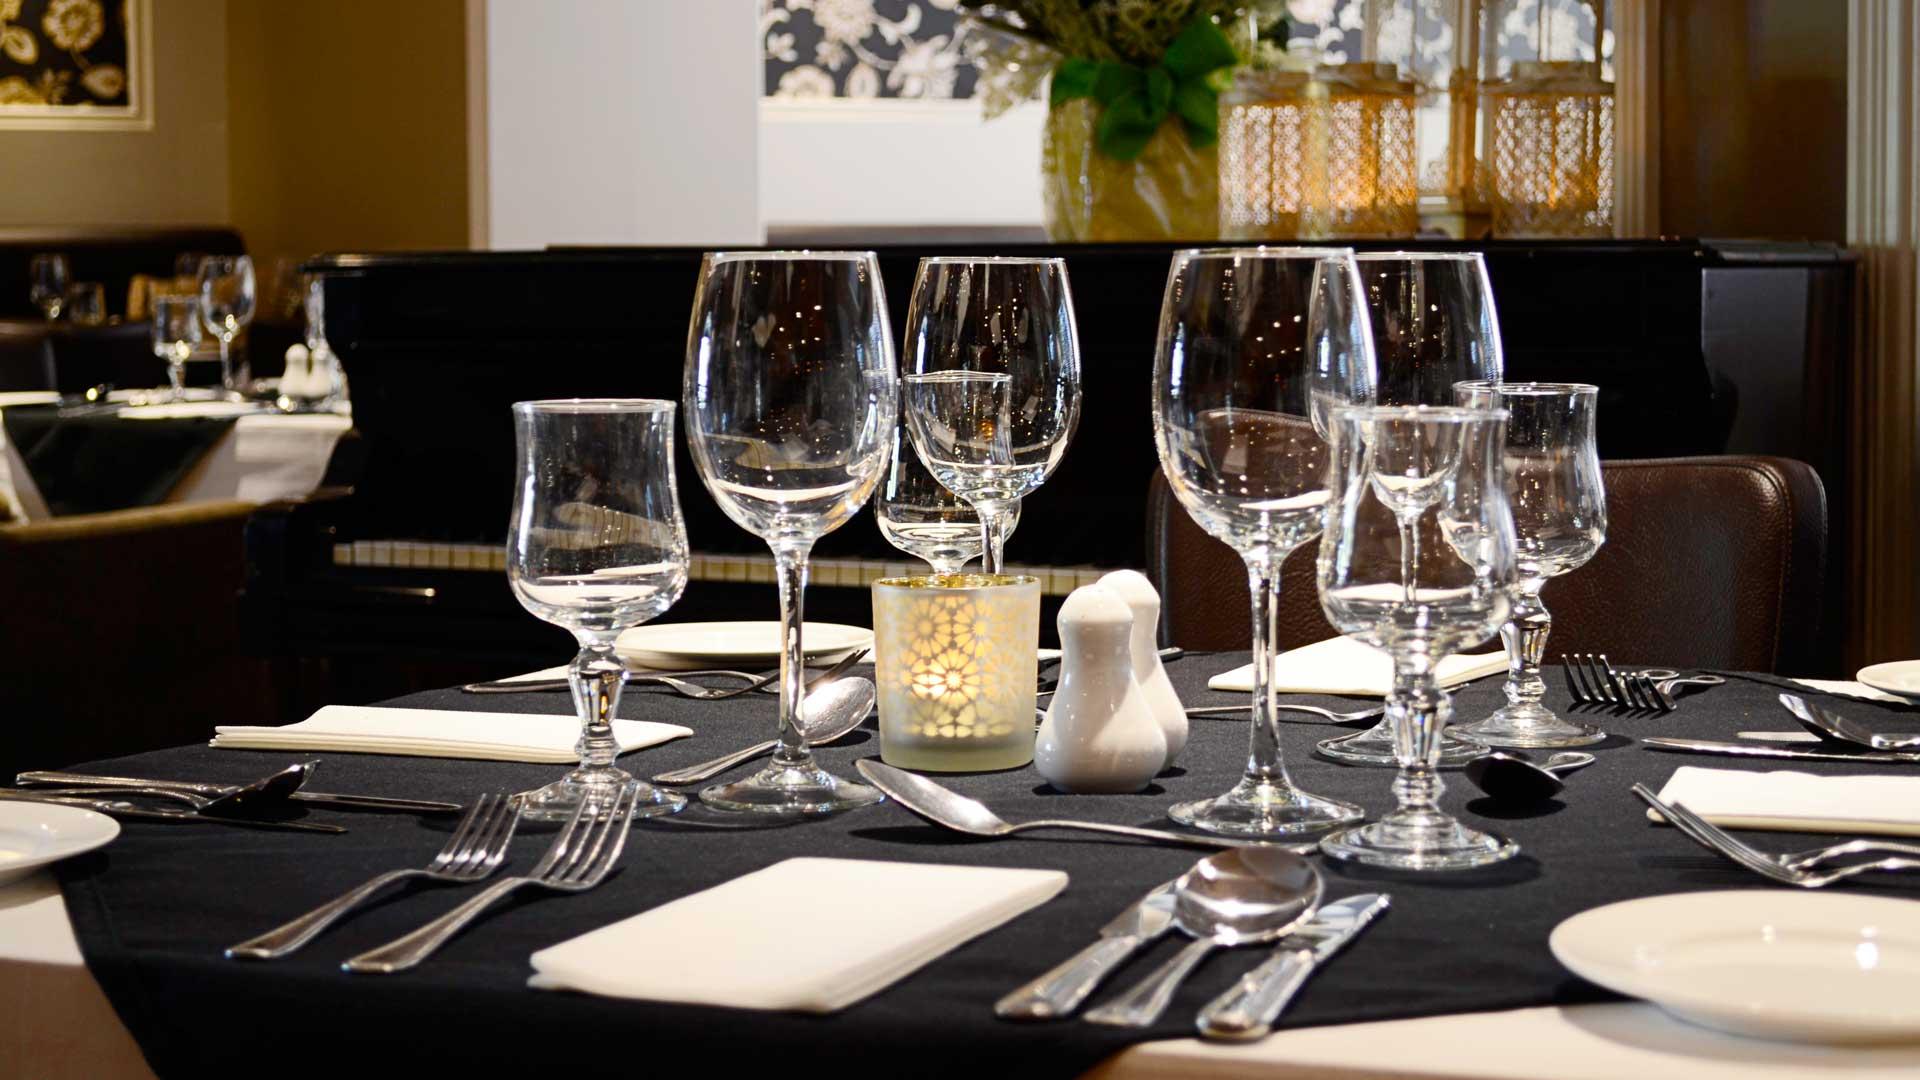 cill-aodain-hotel-kiltimagh-dining-05